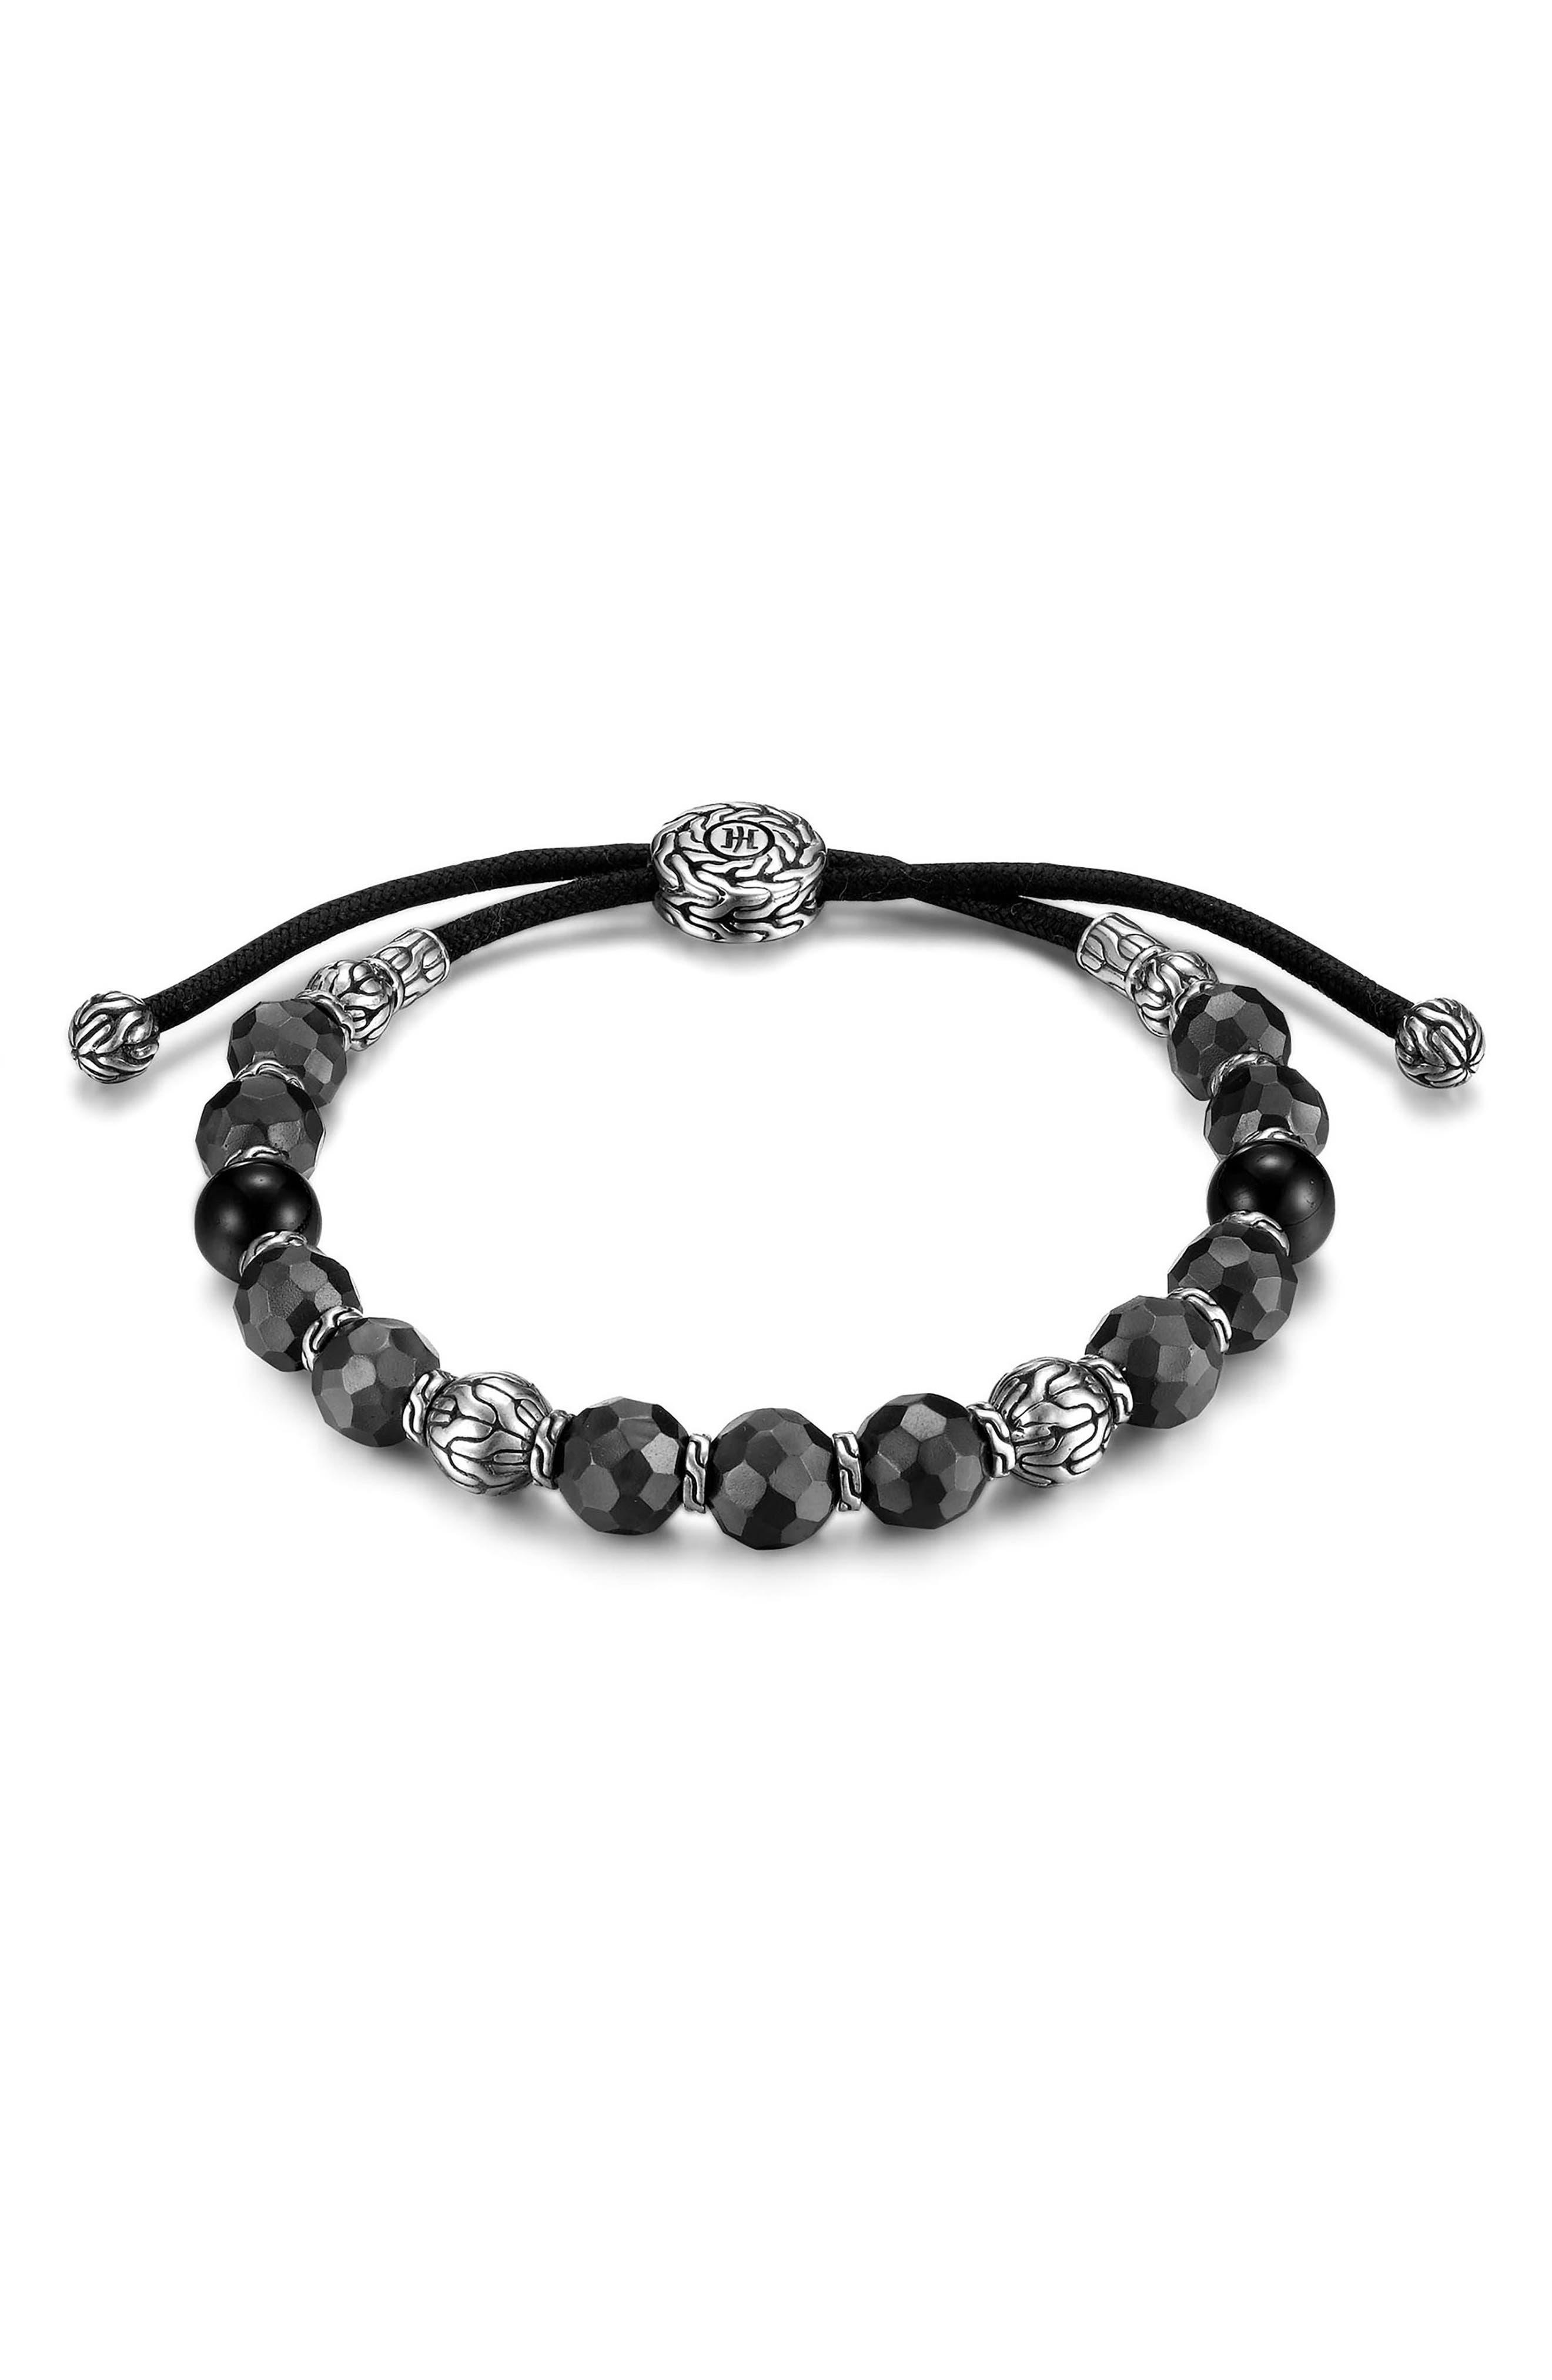 Men's Hammered Bead Bracelet,                         Main,                         color, SILVER/ BLACK TOURMALINE